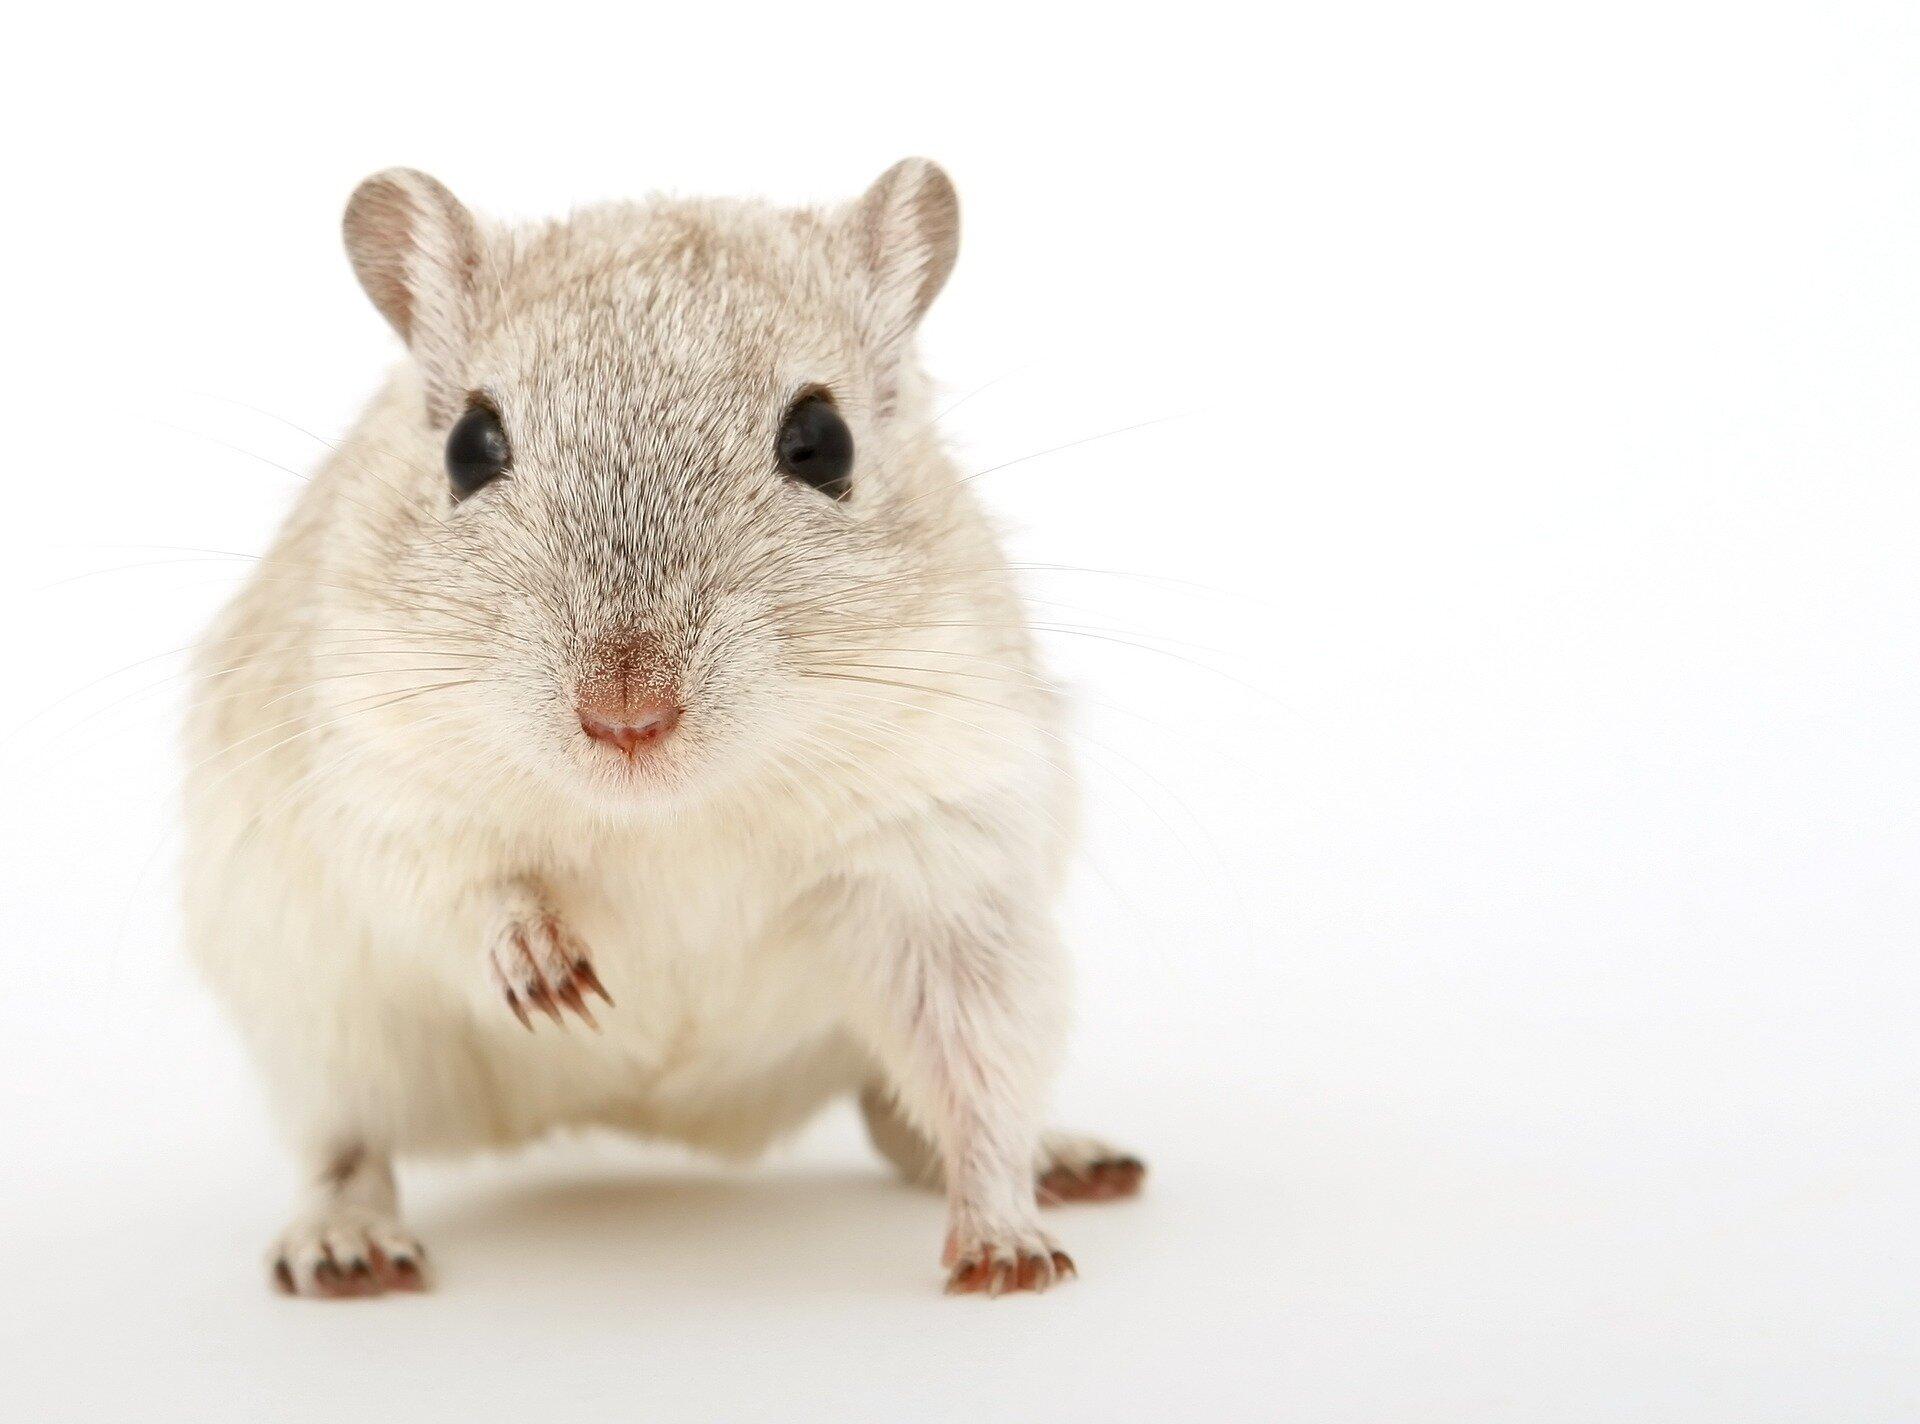 Mäuse mit einem menschlichen Immunsystem helfen, die Forschung zu Krebs und Infektionen